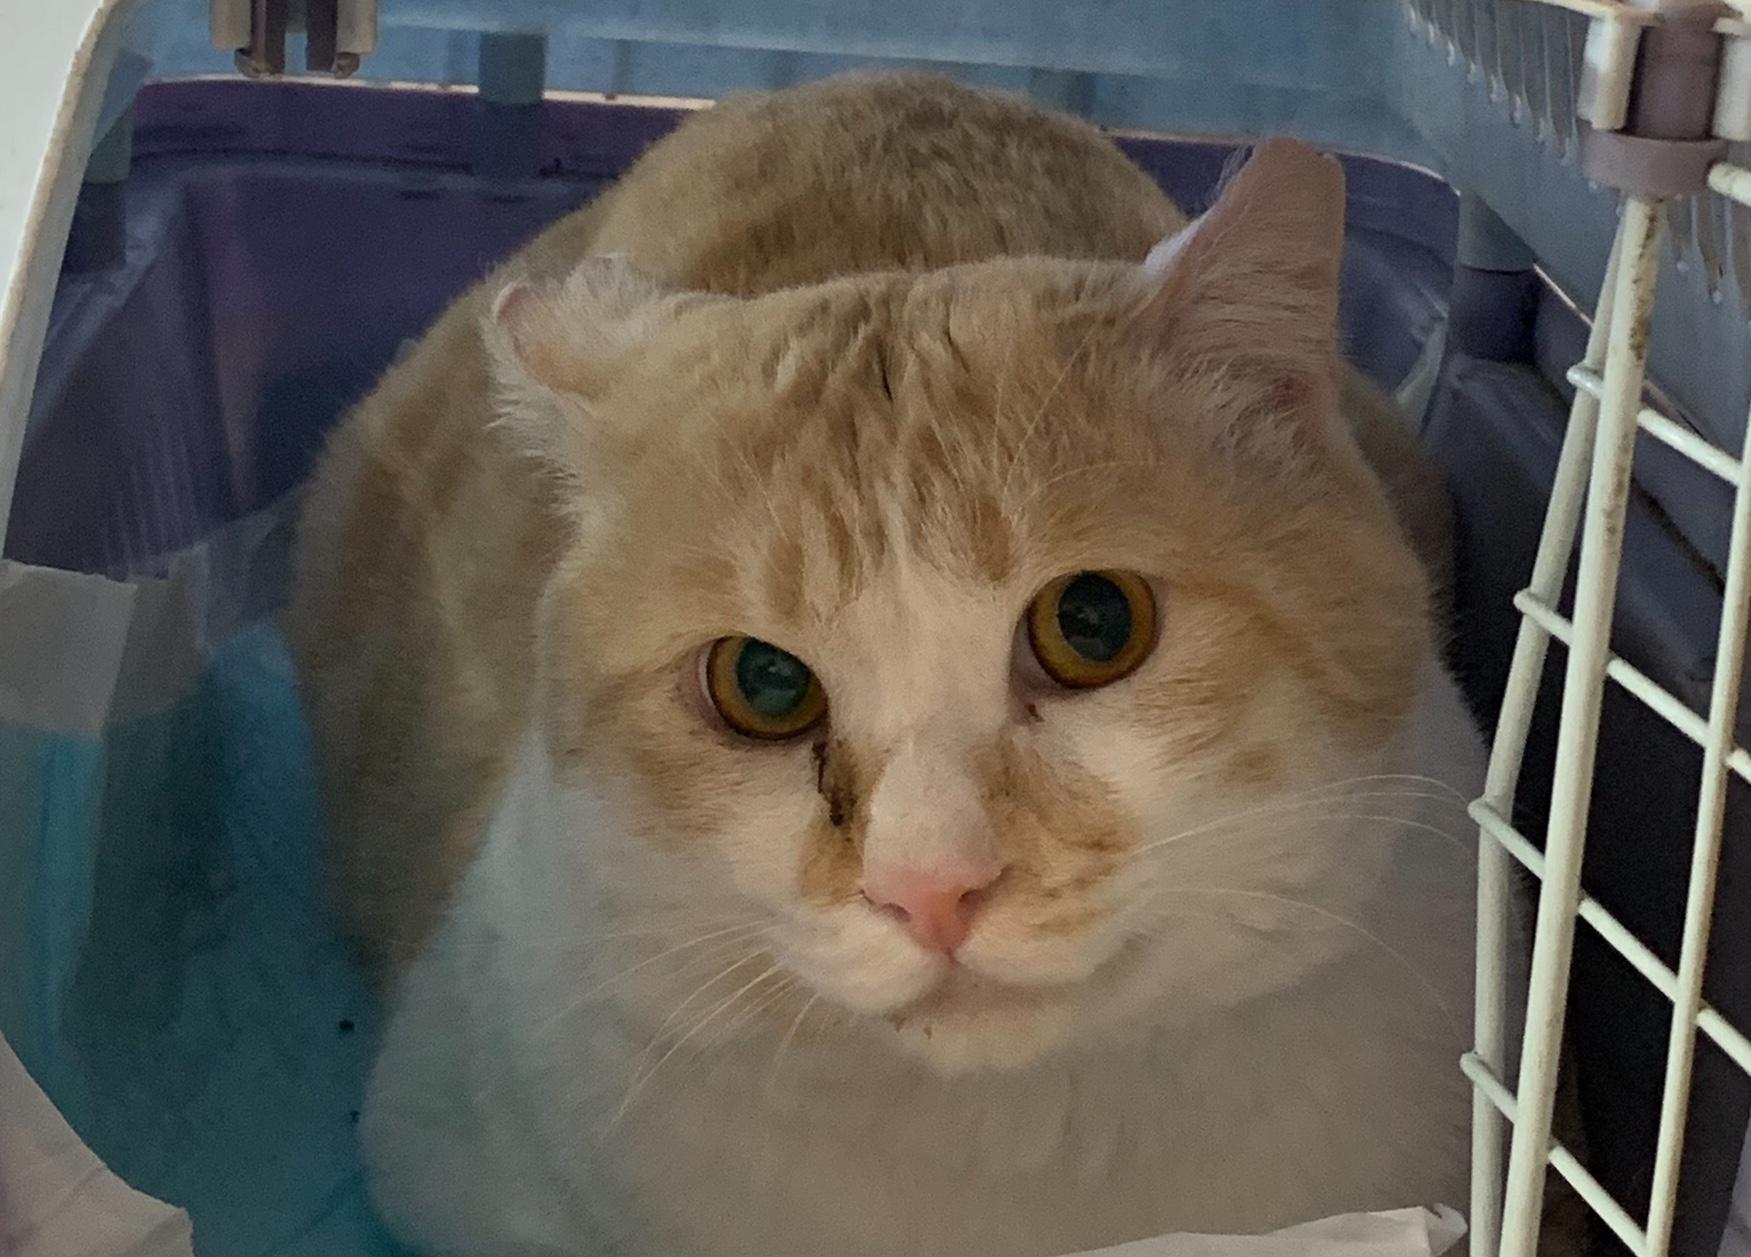 <ul> <li>H12-7</li> <li>猫種:日本猫 茶トラ</li> <li>性別:男の子</li> <li>名前:ゆきち</li> <li>年齢:推定1歳前後</li> <li>保護経緯:先住猫ちゃんとの折り合いが悪いので飼育困難になりました</li> </ul>